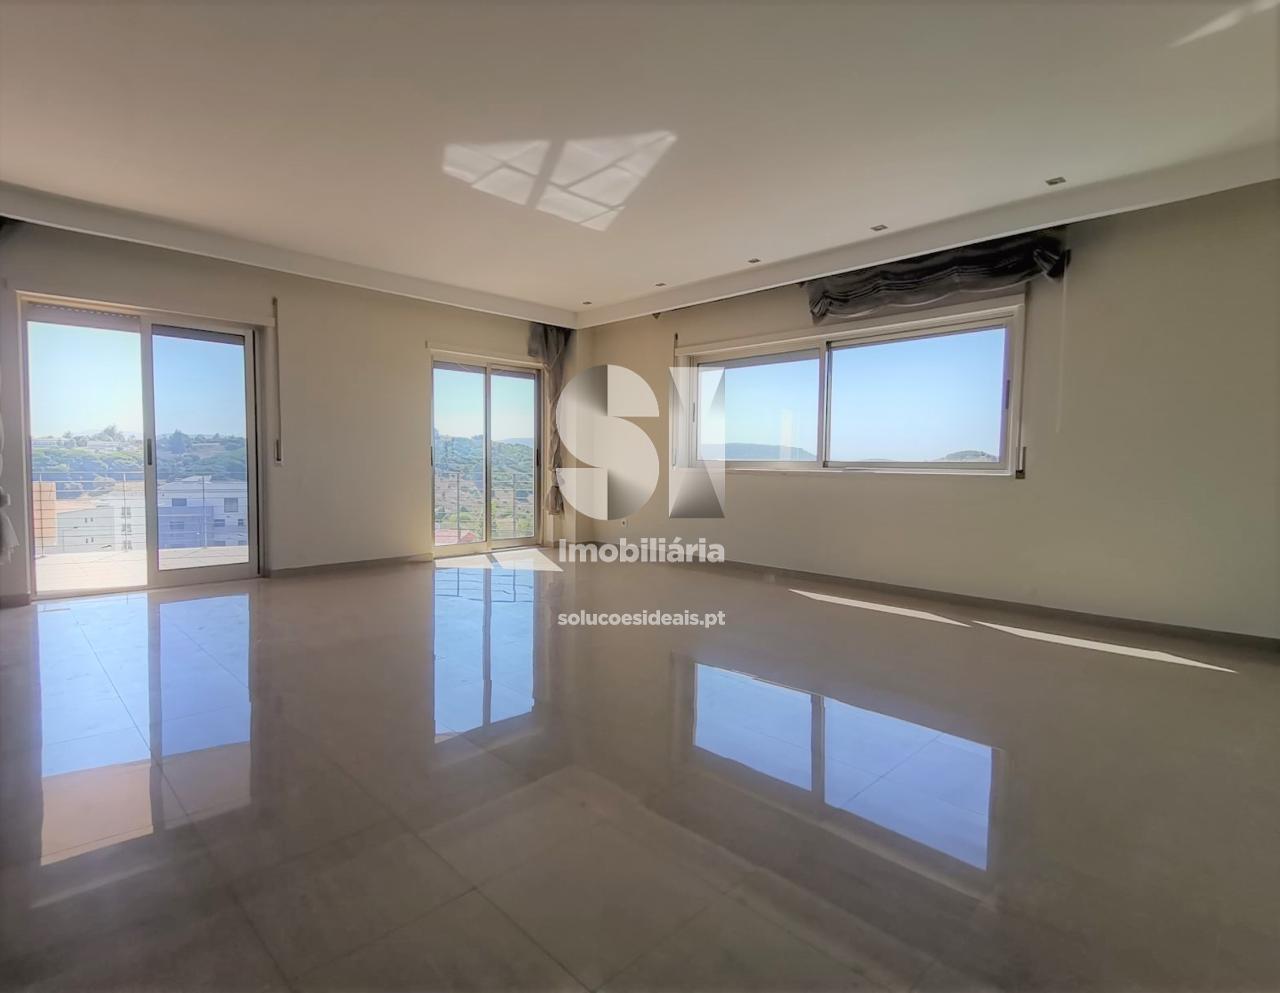 apartamento t3 para compra em sesimbra sesimbra castelo SESNO112